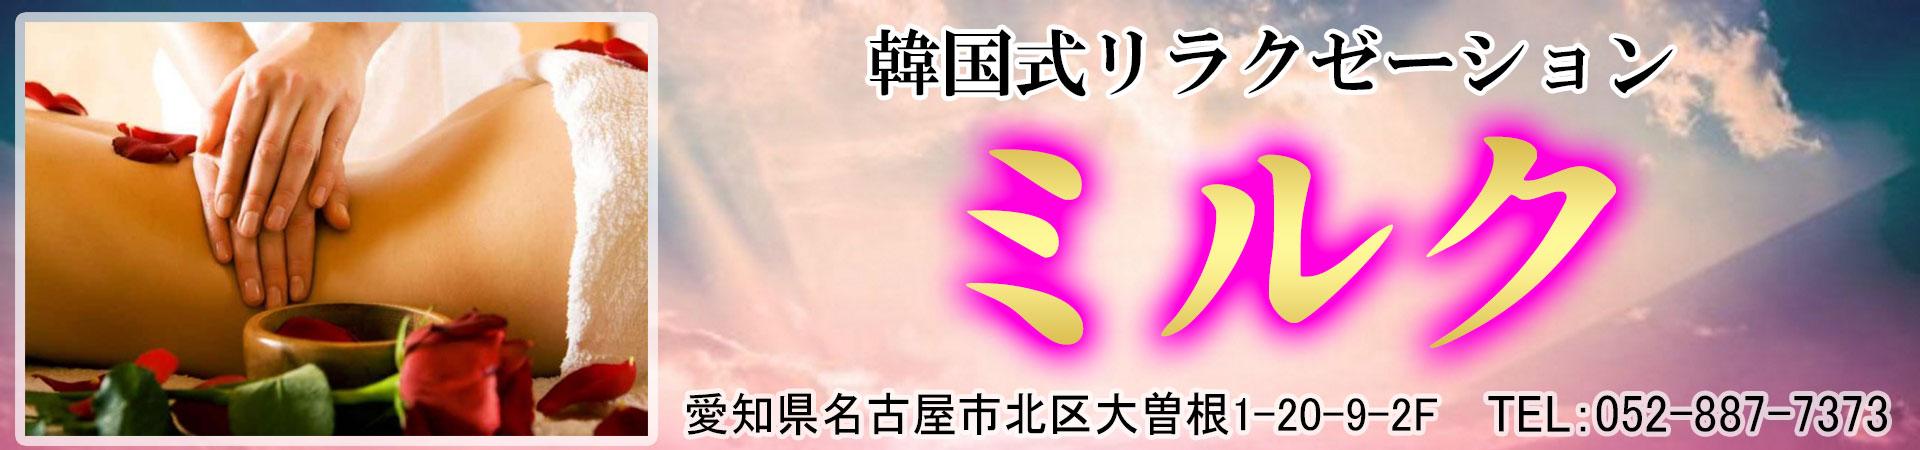 【ミルク】大曽根/名古屋